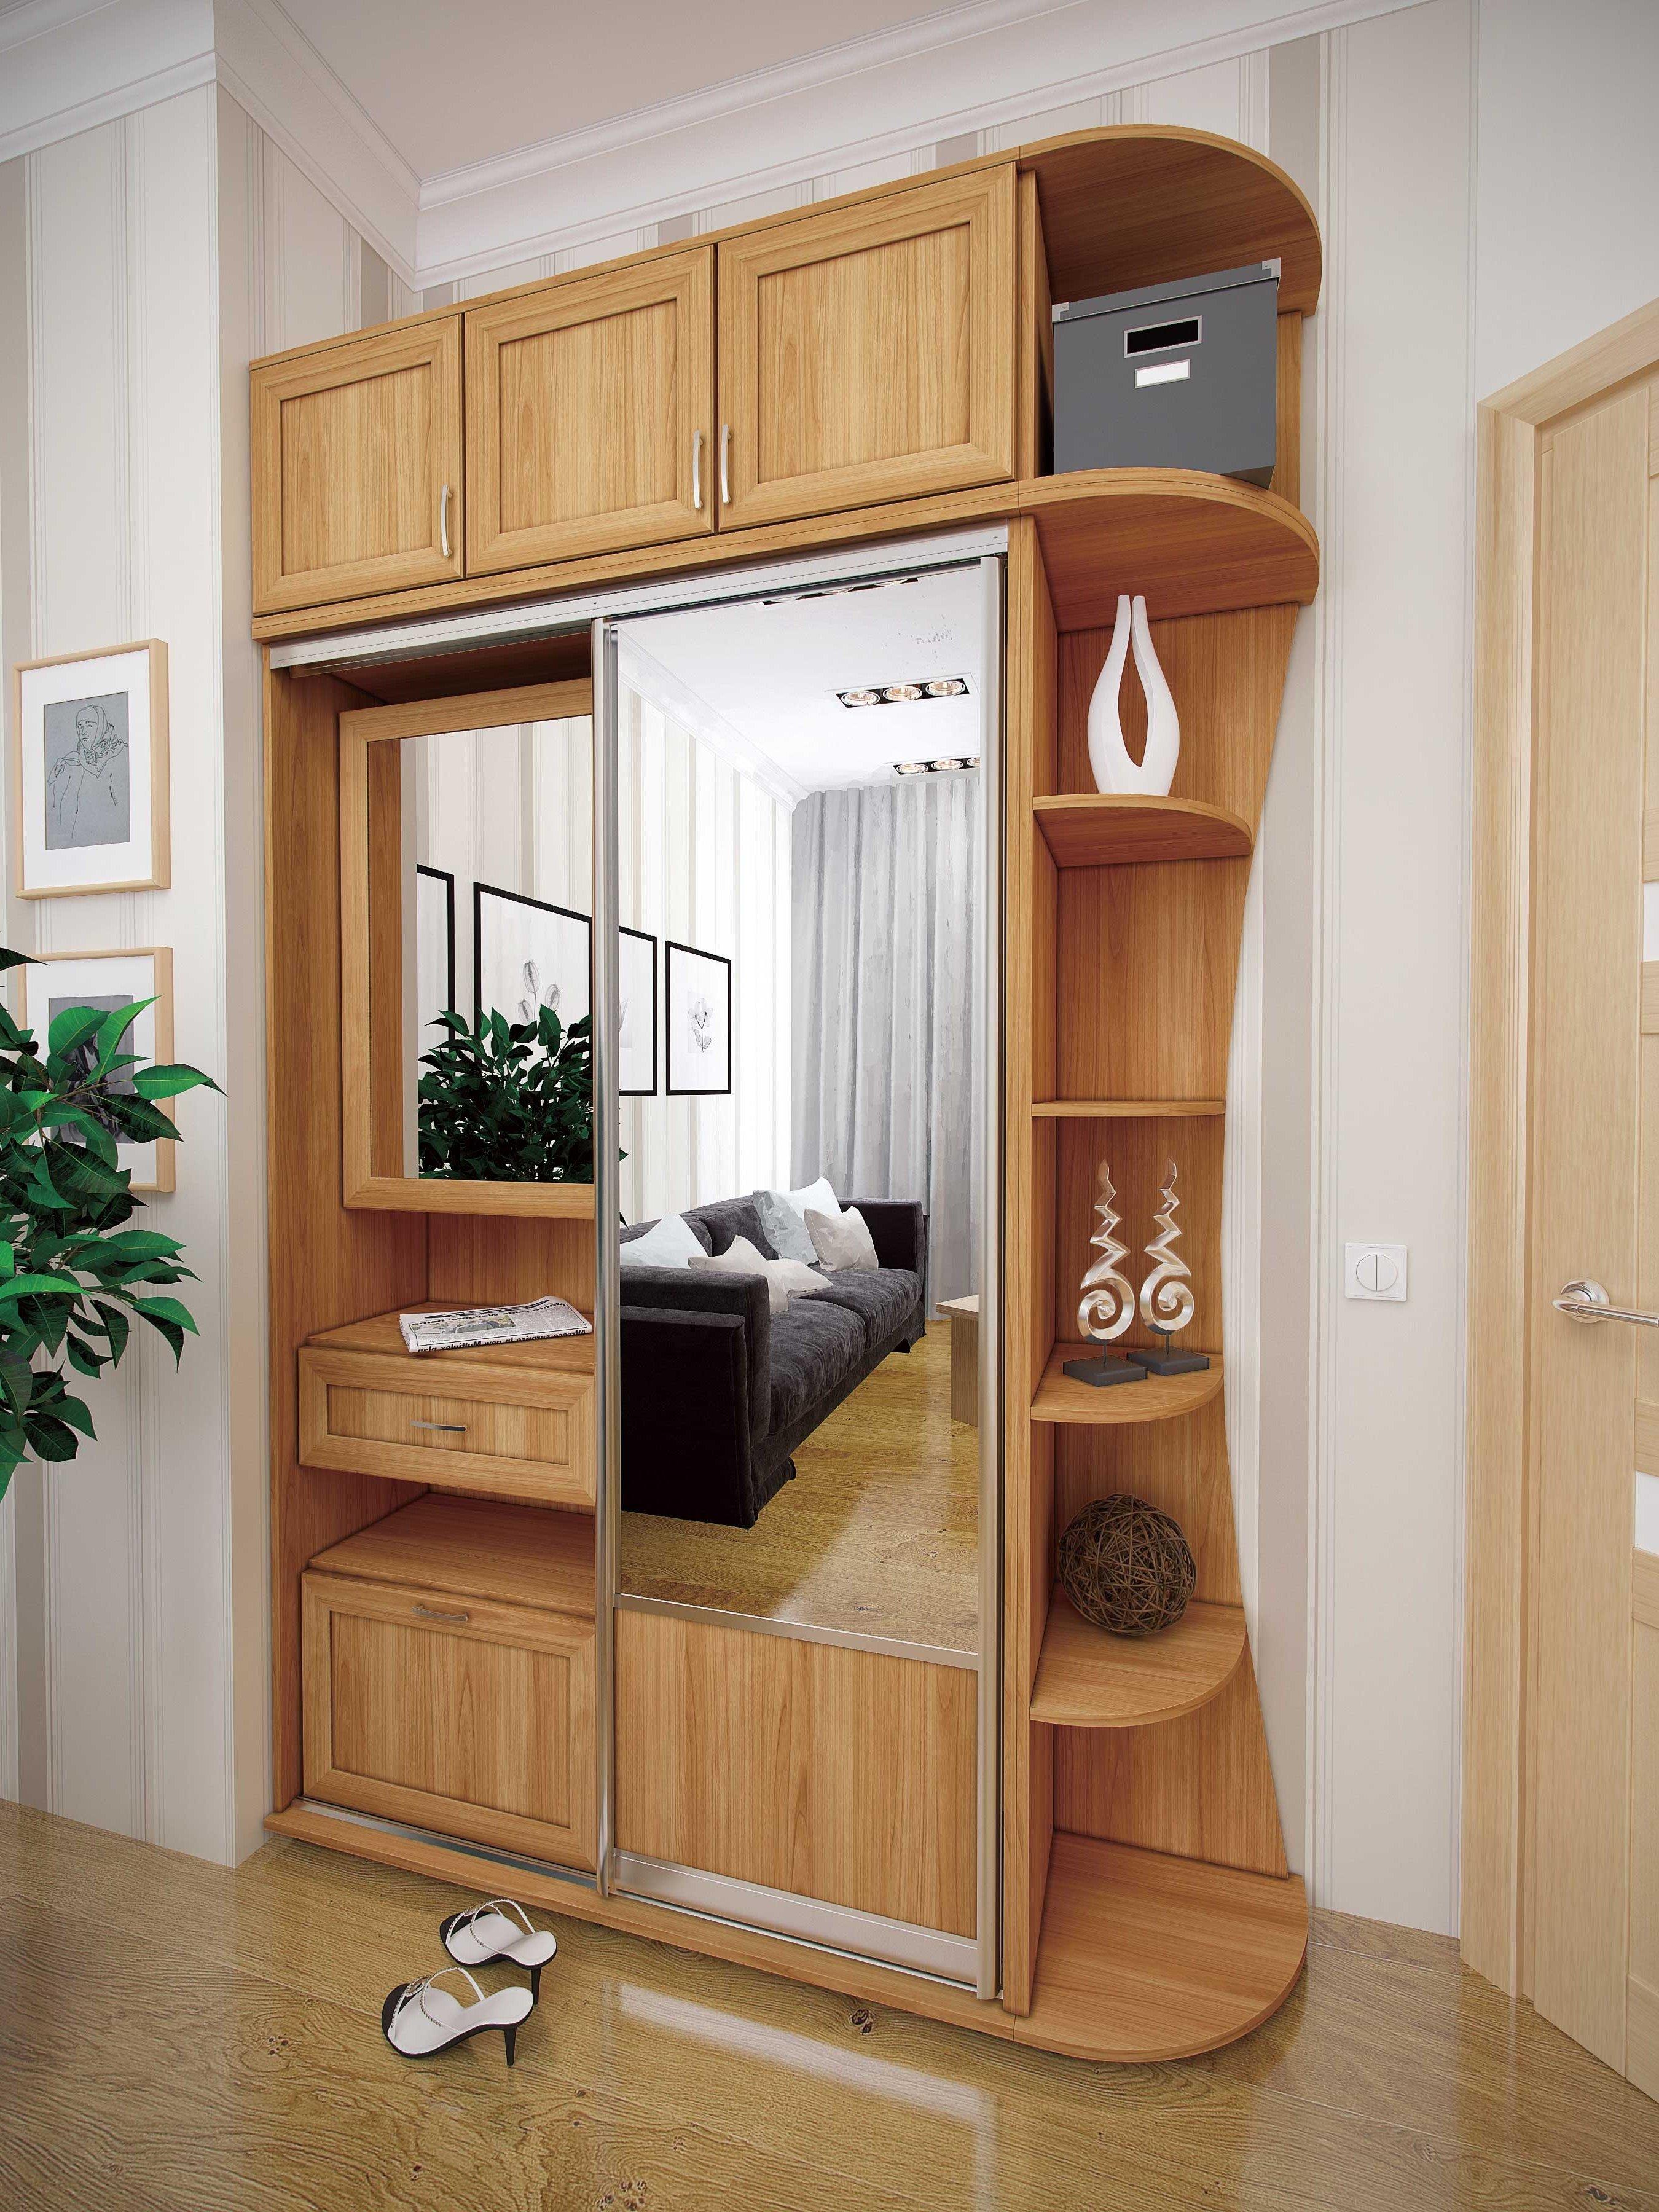 Купить прихожие с антресолью мебель с антресолями в коридор.